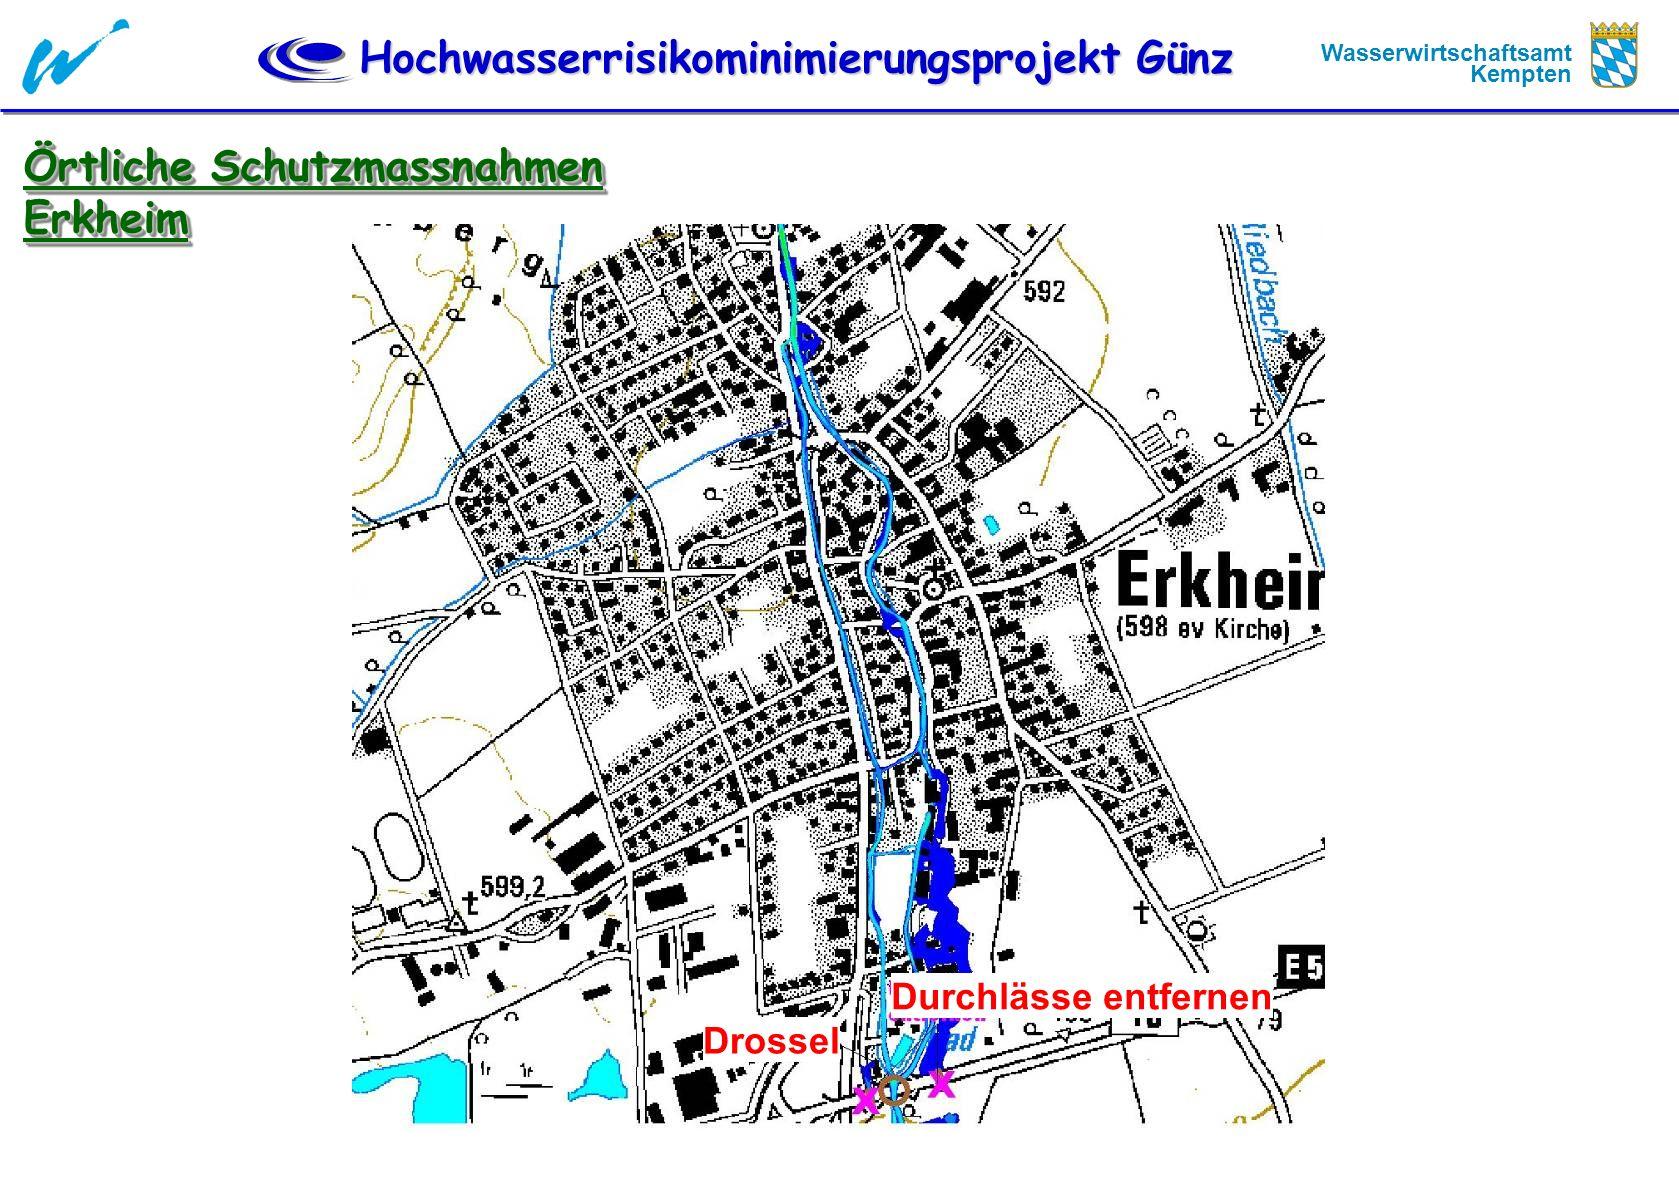 Hochwasserrisikominimierungsprojekt Günz Wasserwirtschaftsamt Kempten Örtliche Schutzmassnahmen Erkheim Erkheim Durchlässe entfernen Drossel